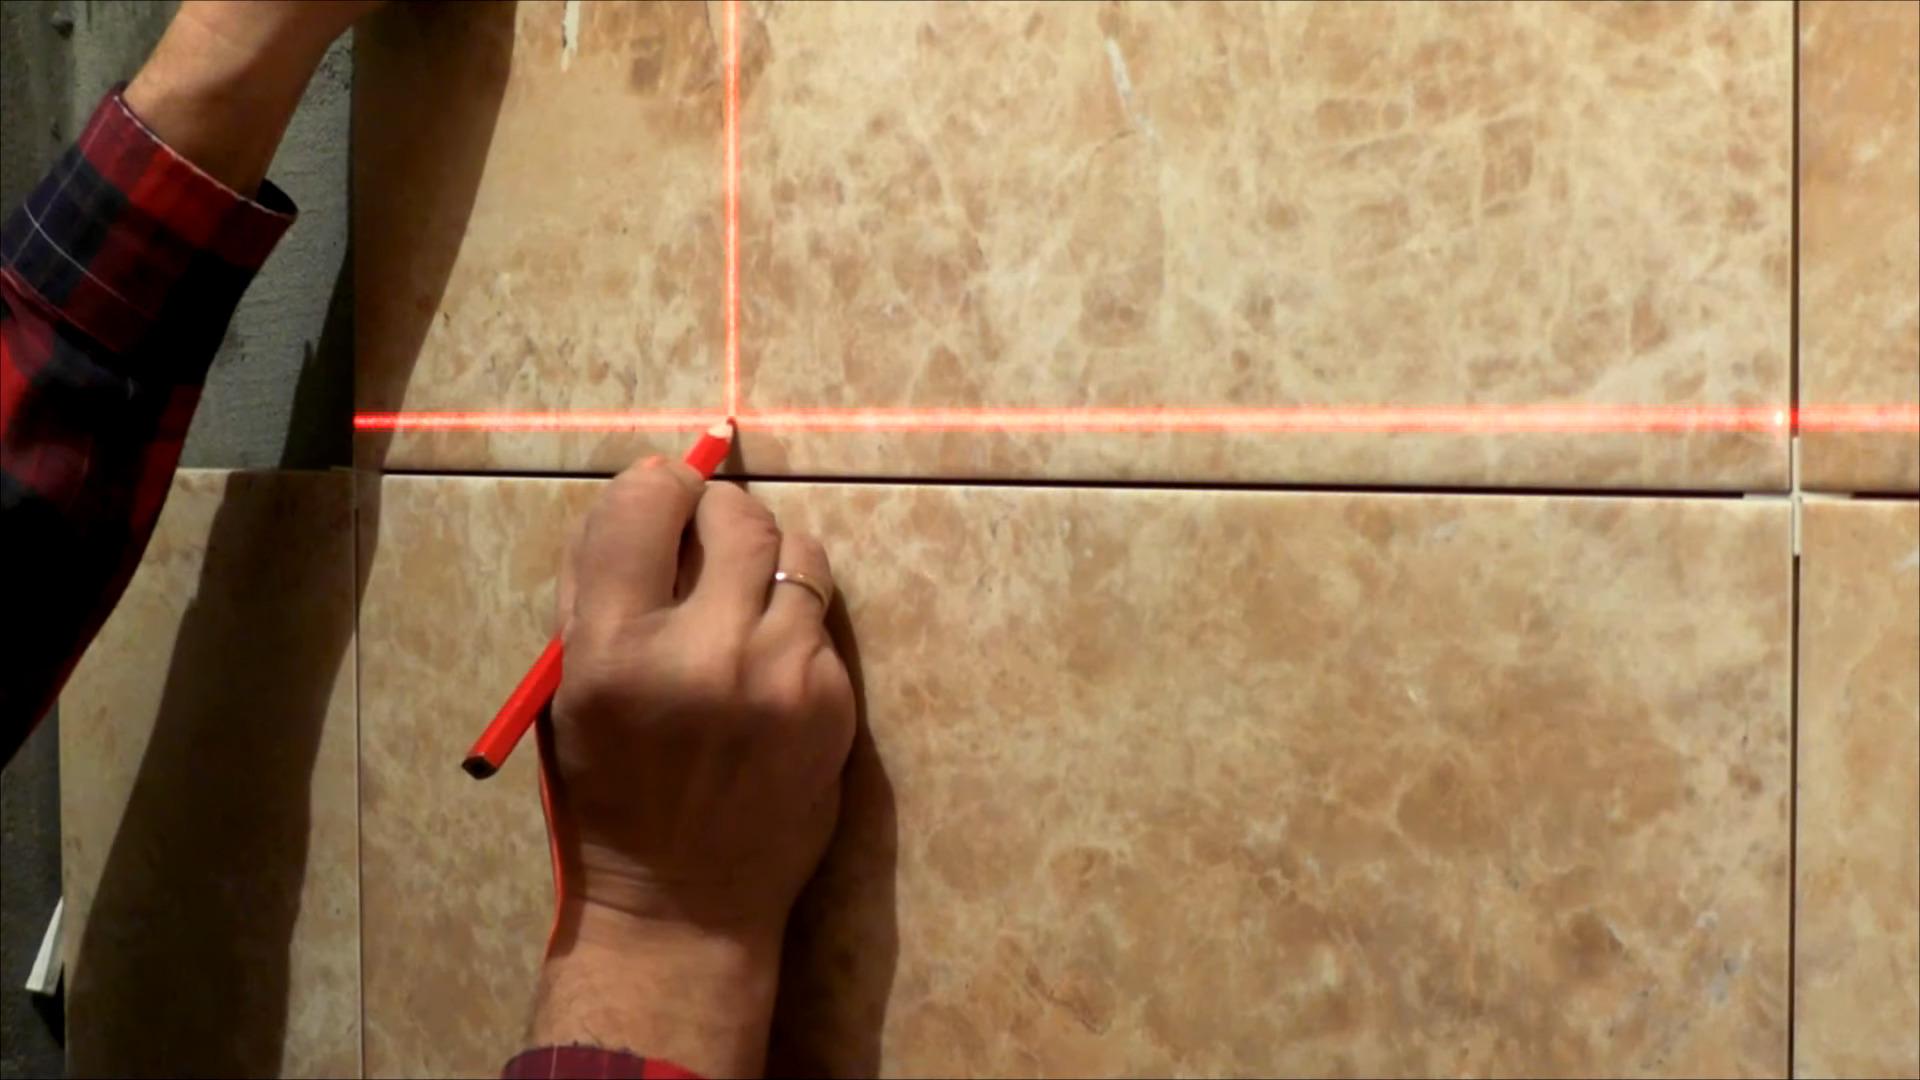 Лазерный уровень помогает при разметке